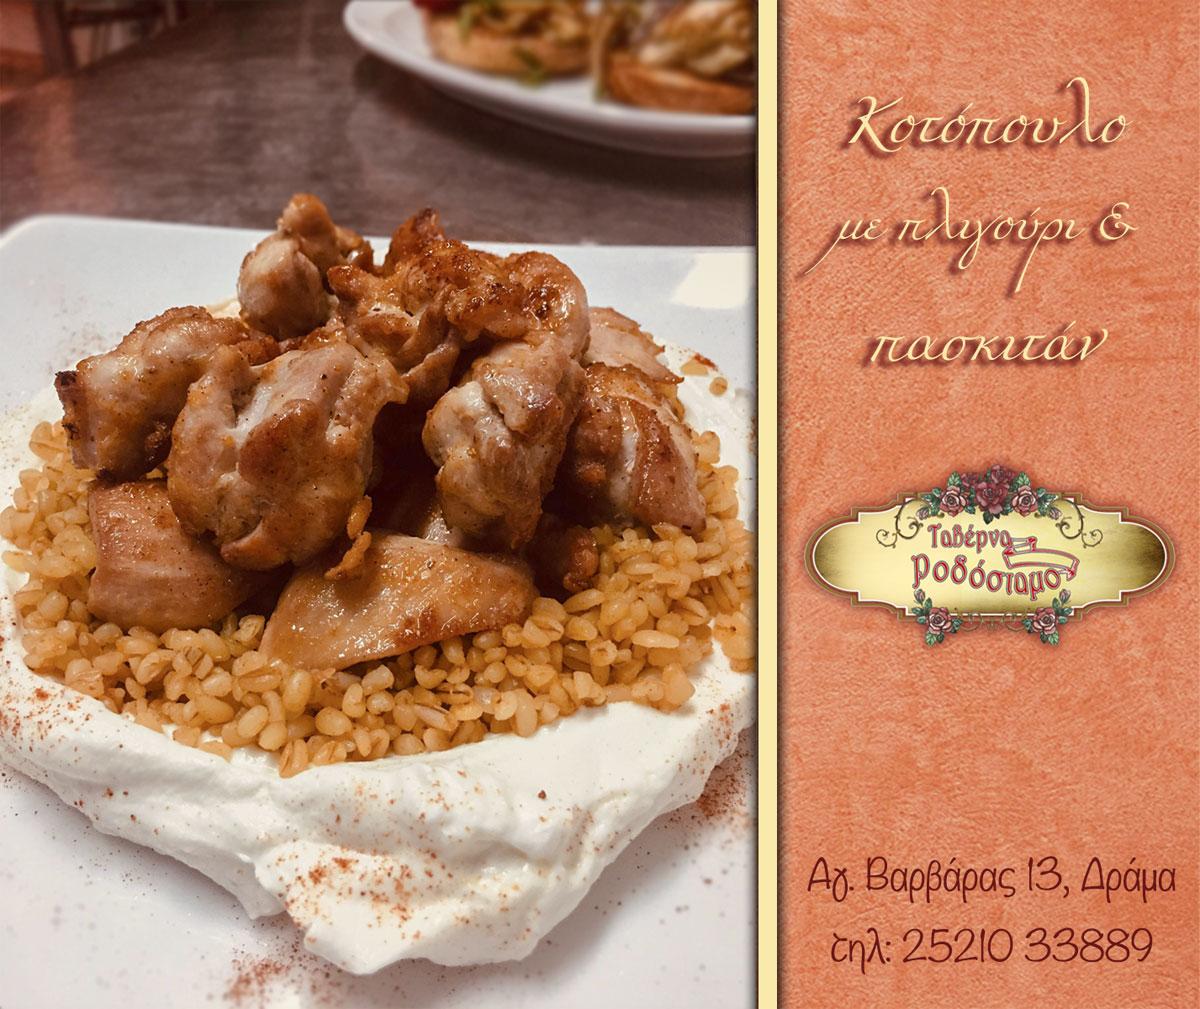 Κοτόπουλο με πλιγούρι και γιαούρτι